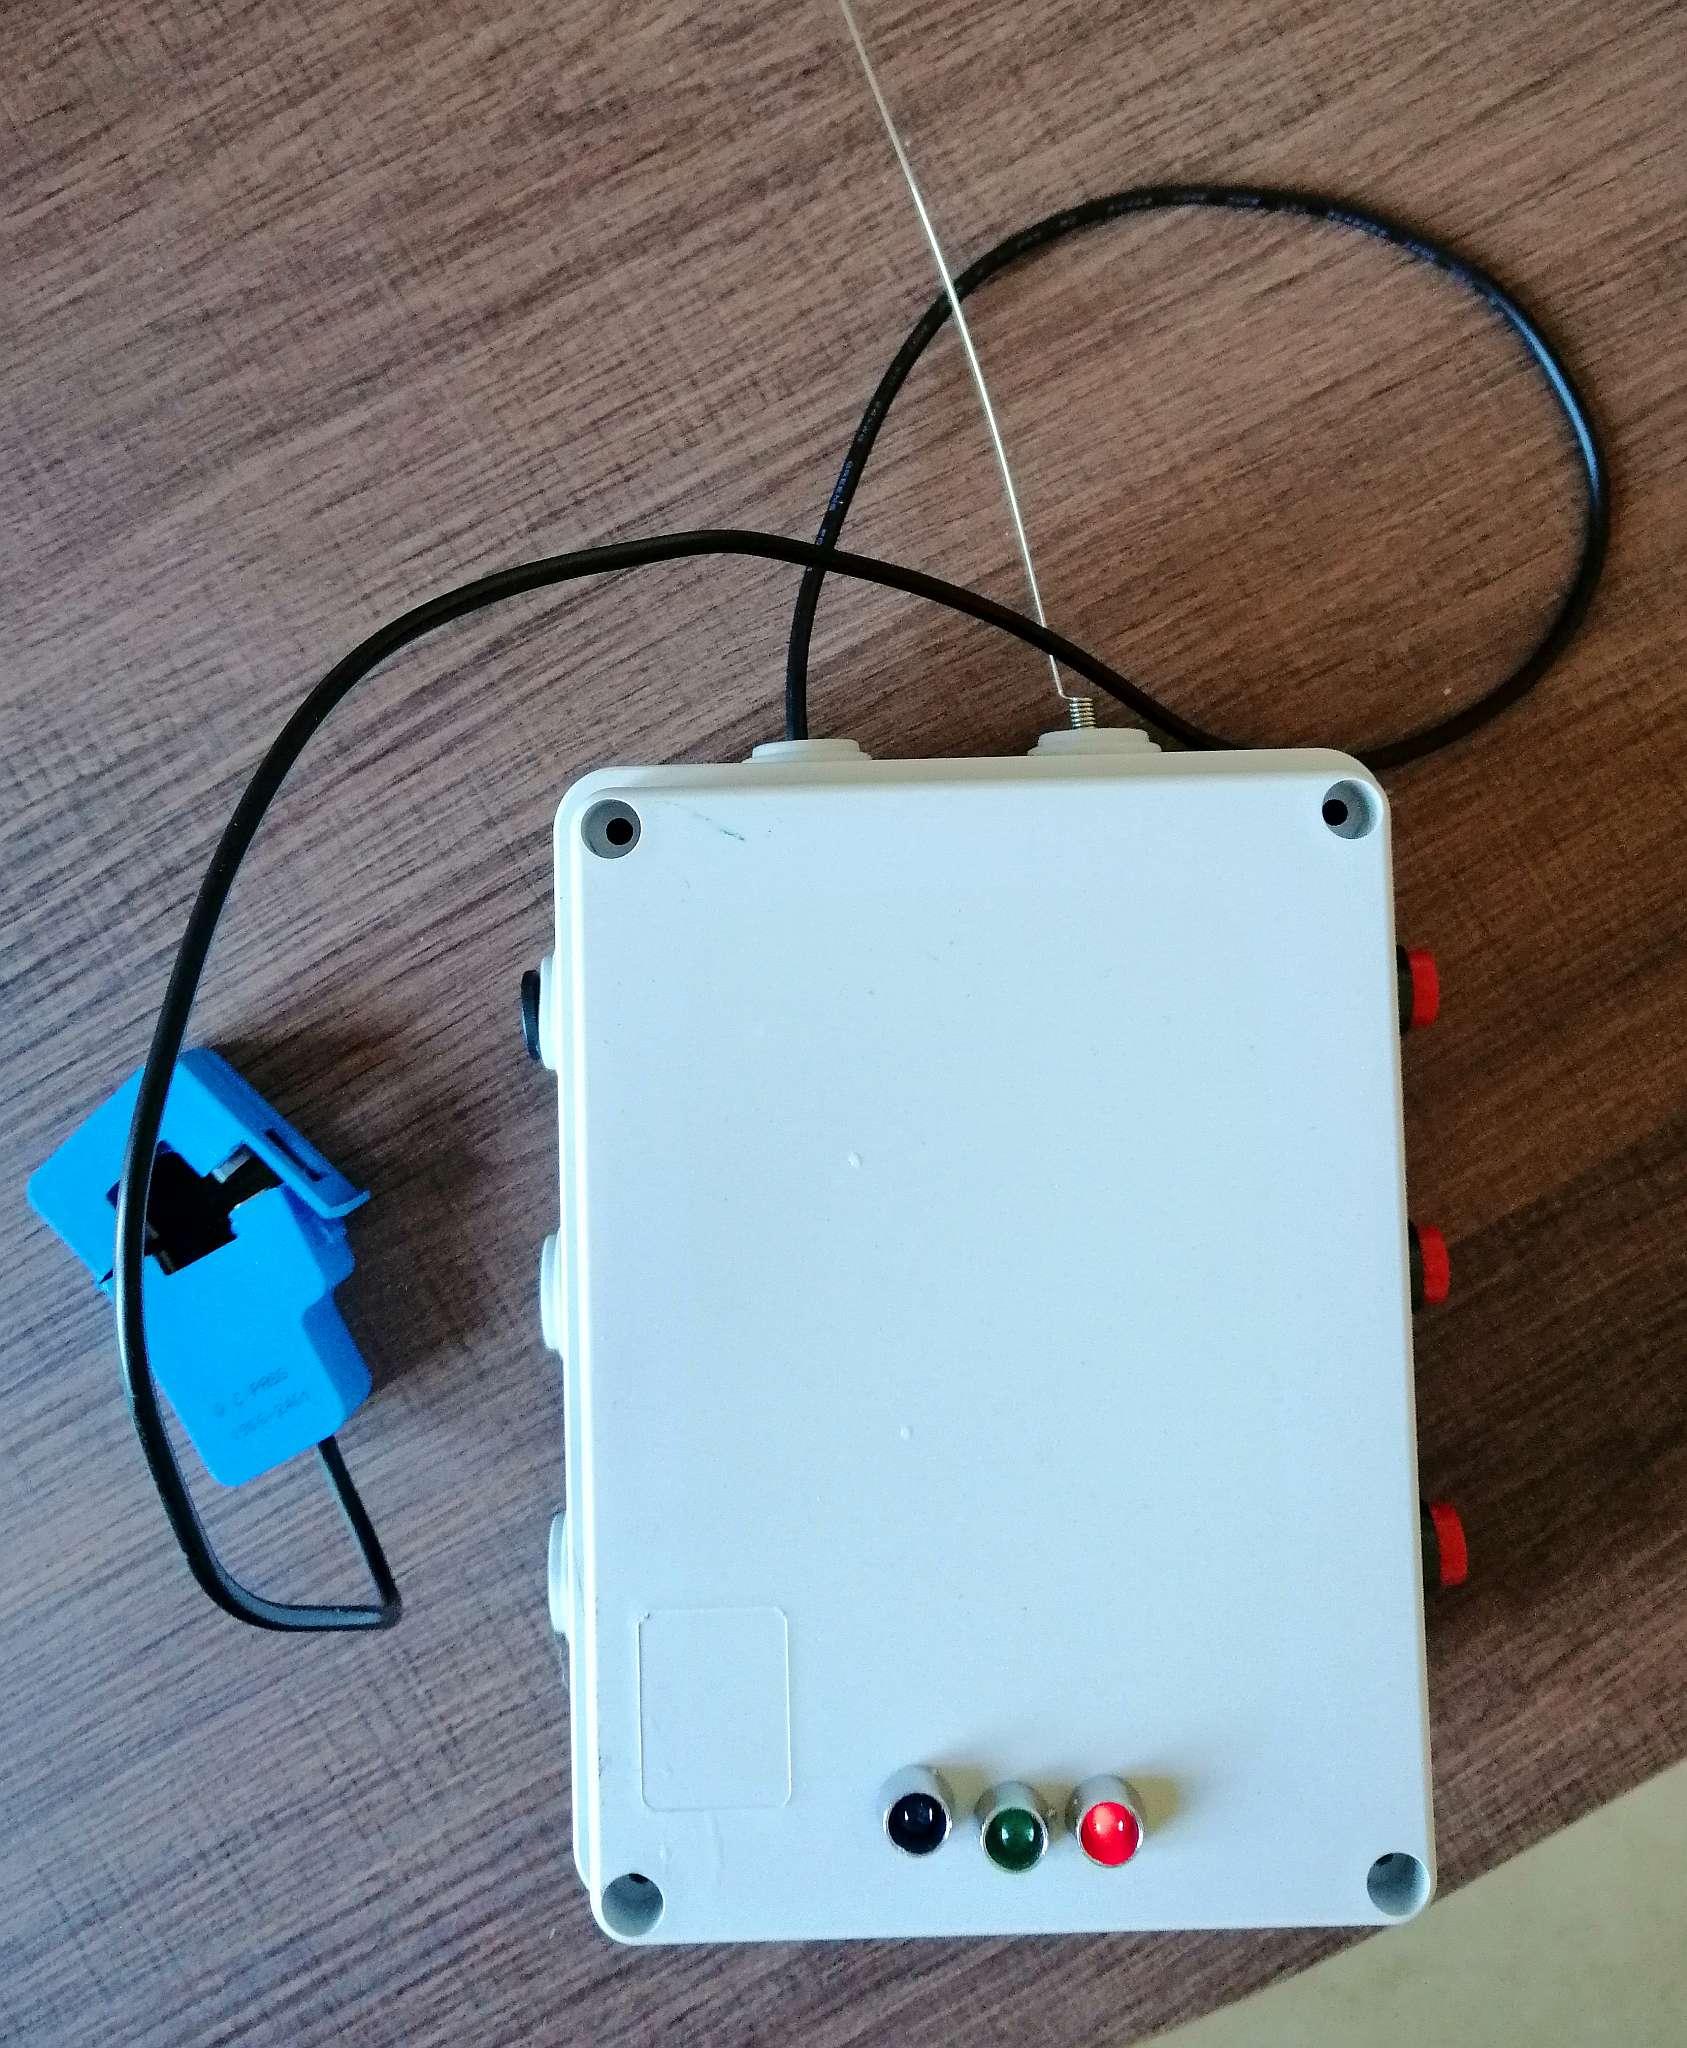 Interruttore Radiocomandato con Sensore di corrente - Frontale con i led e pulsanti set reset e disable timer